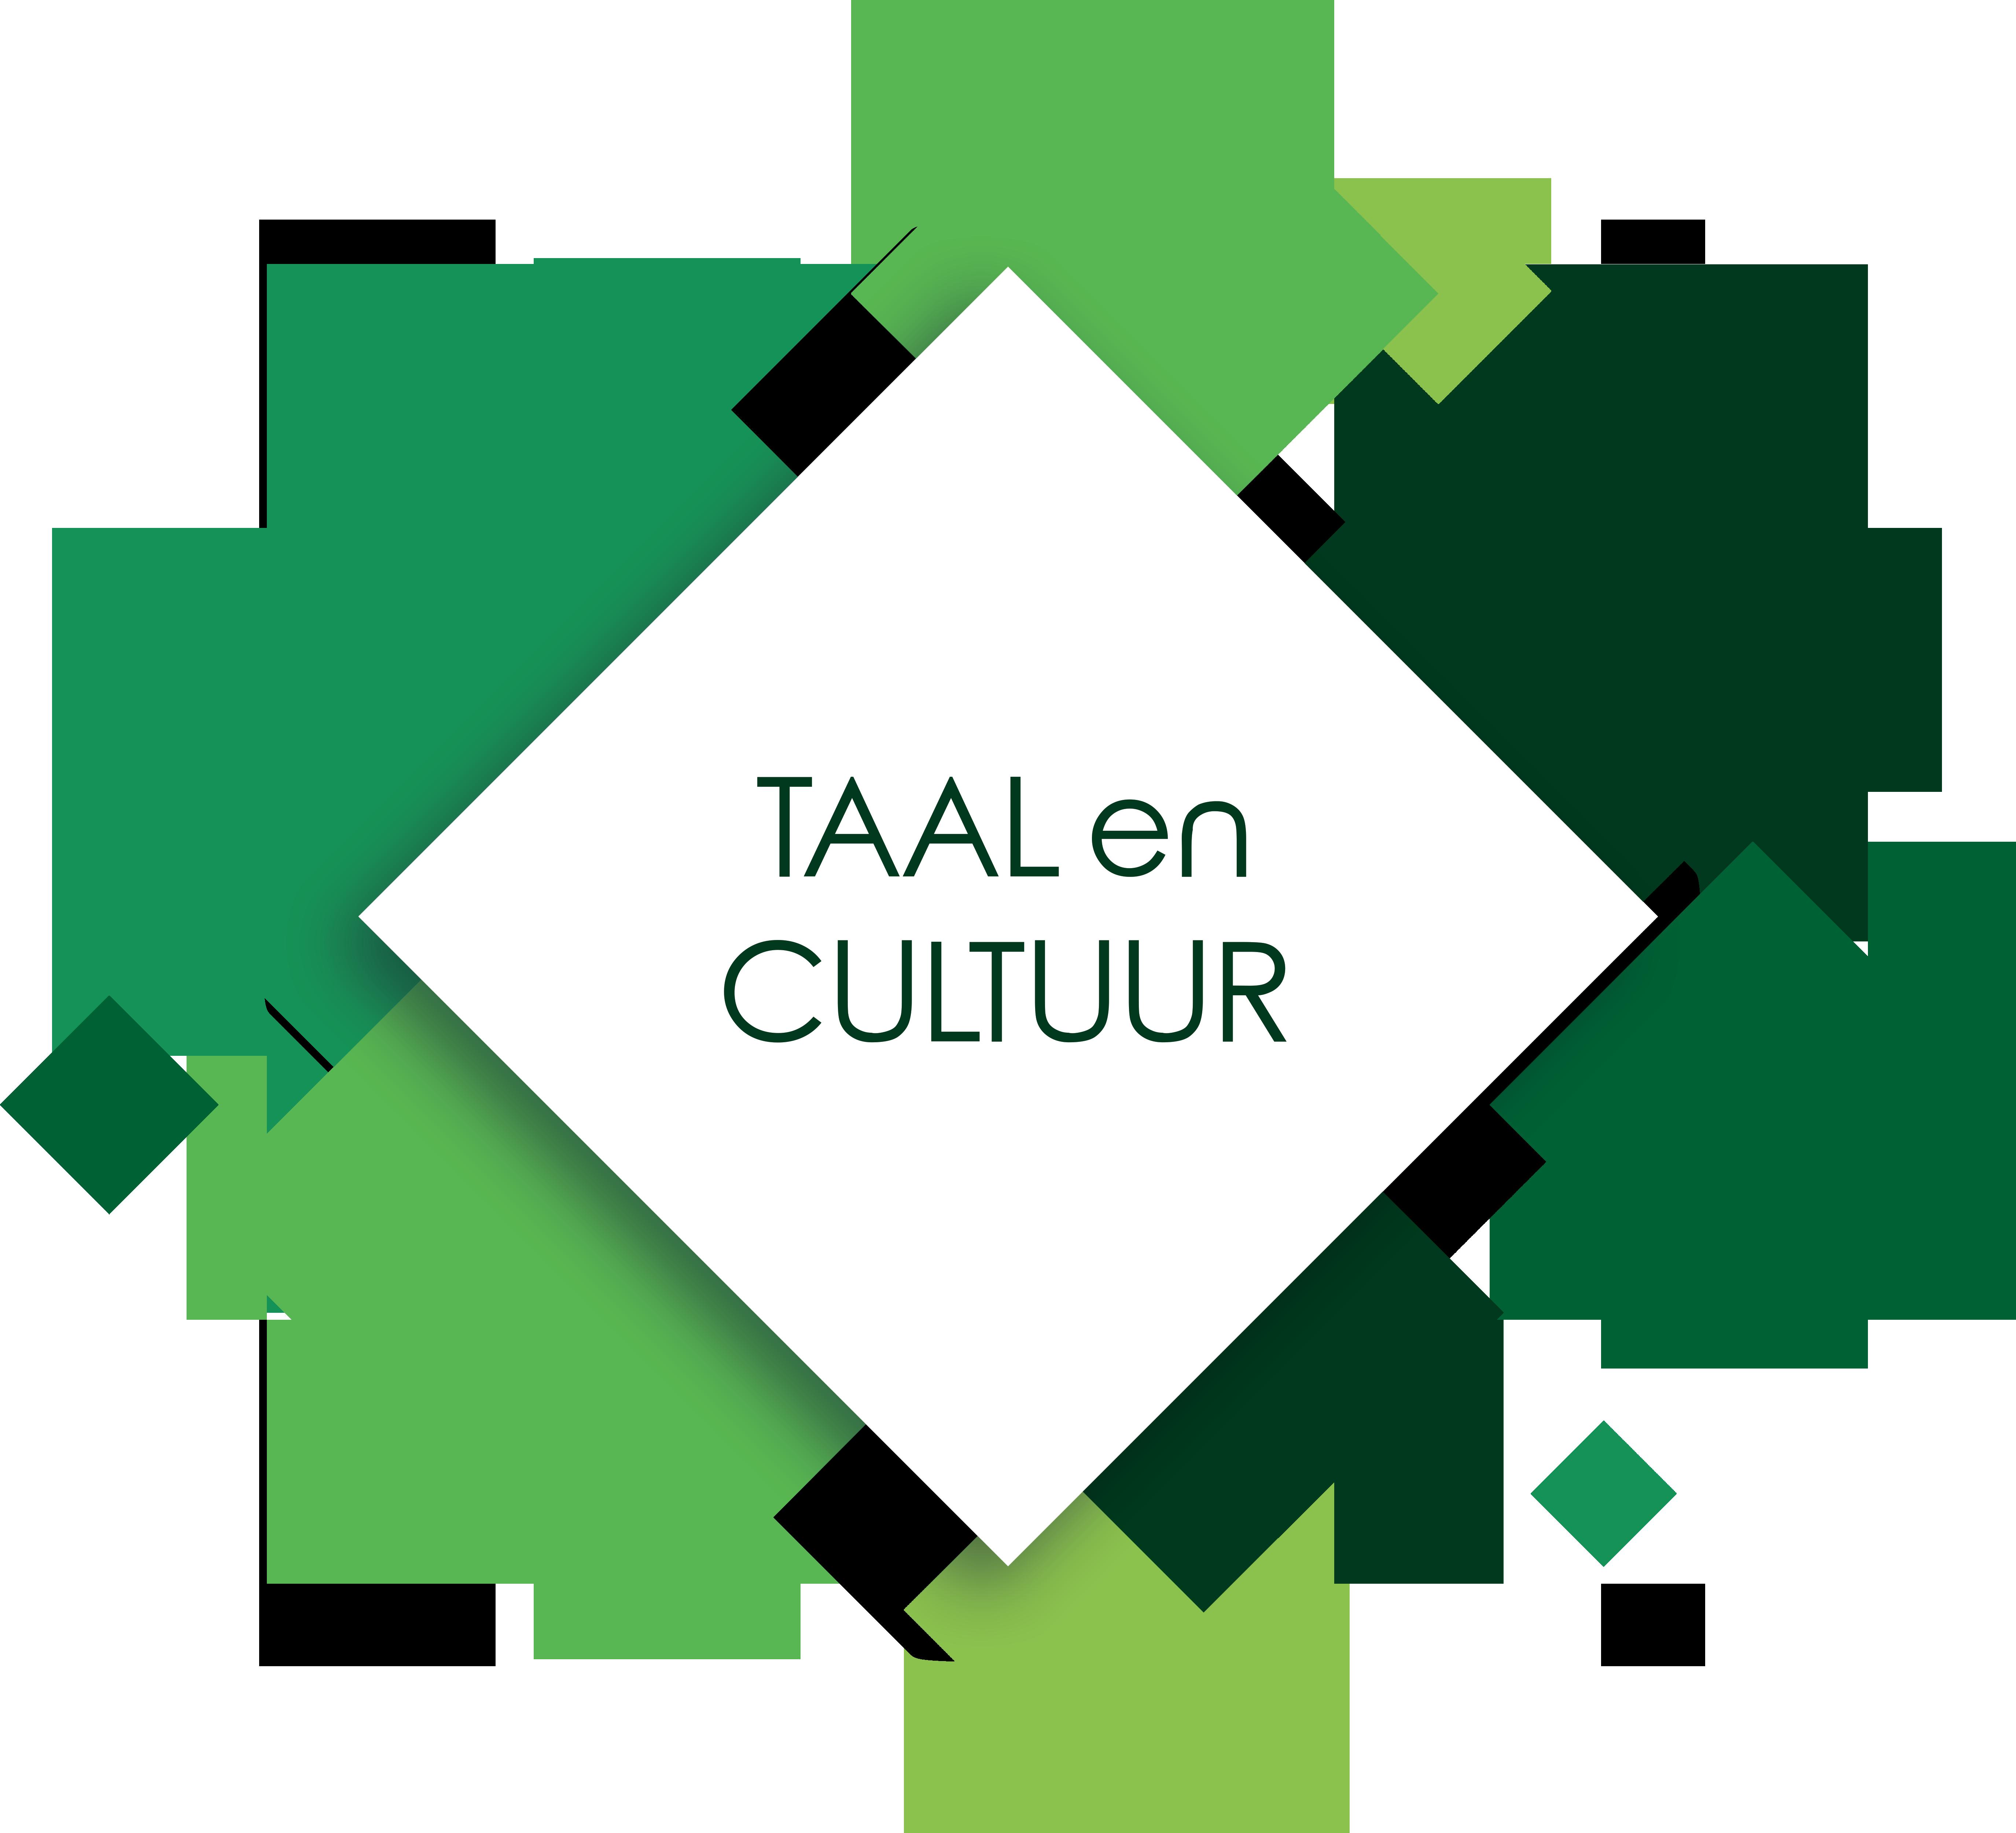 Taal en cultuur in 1A